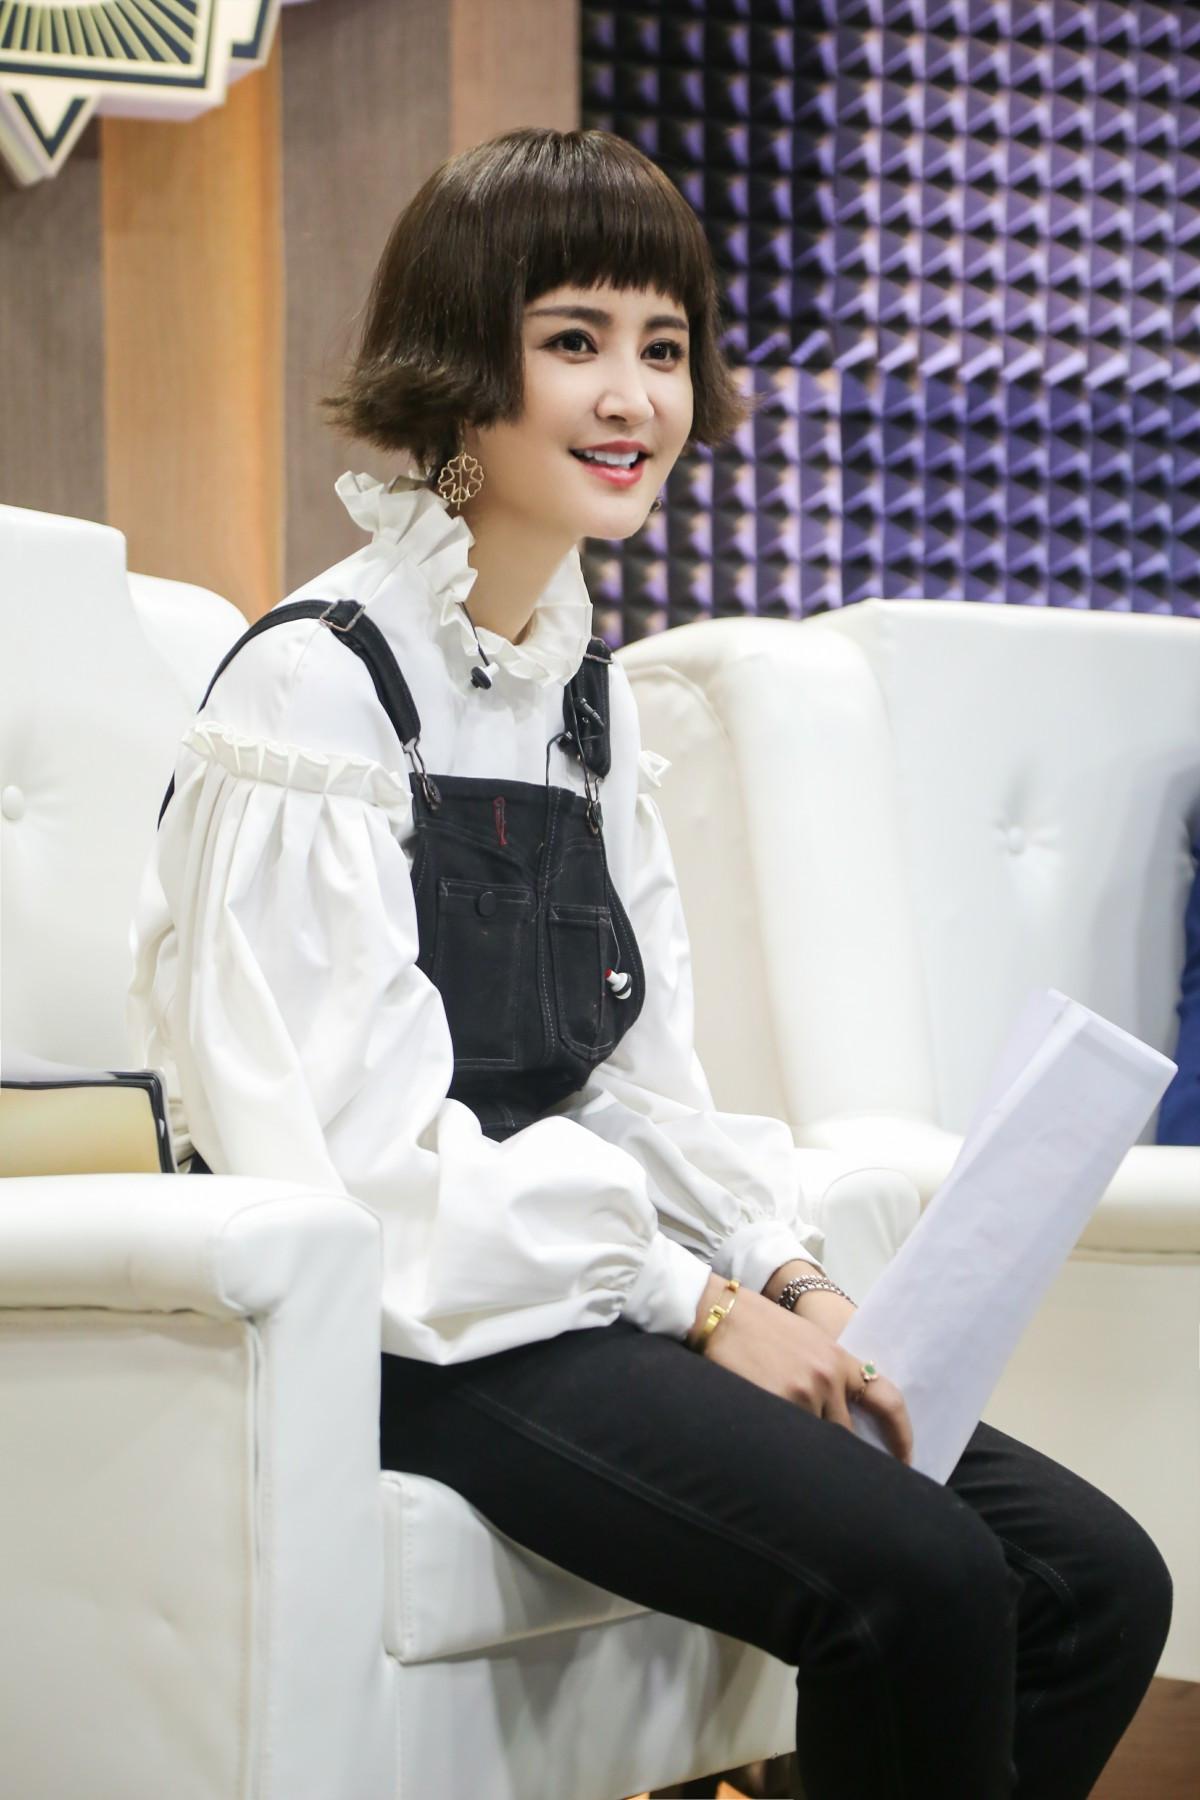 张歆艺挑战蒋欣配音《甄嬛传》 现场观众肯定直言:华妃来了